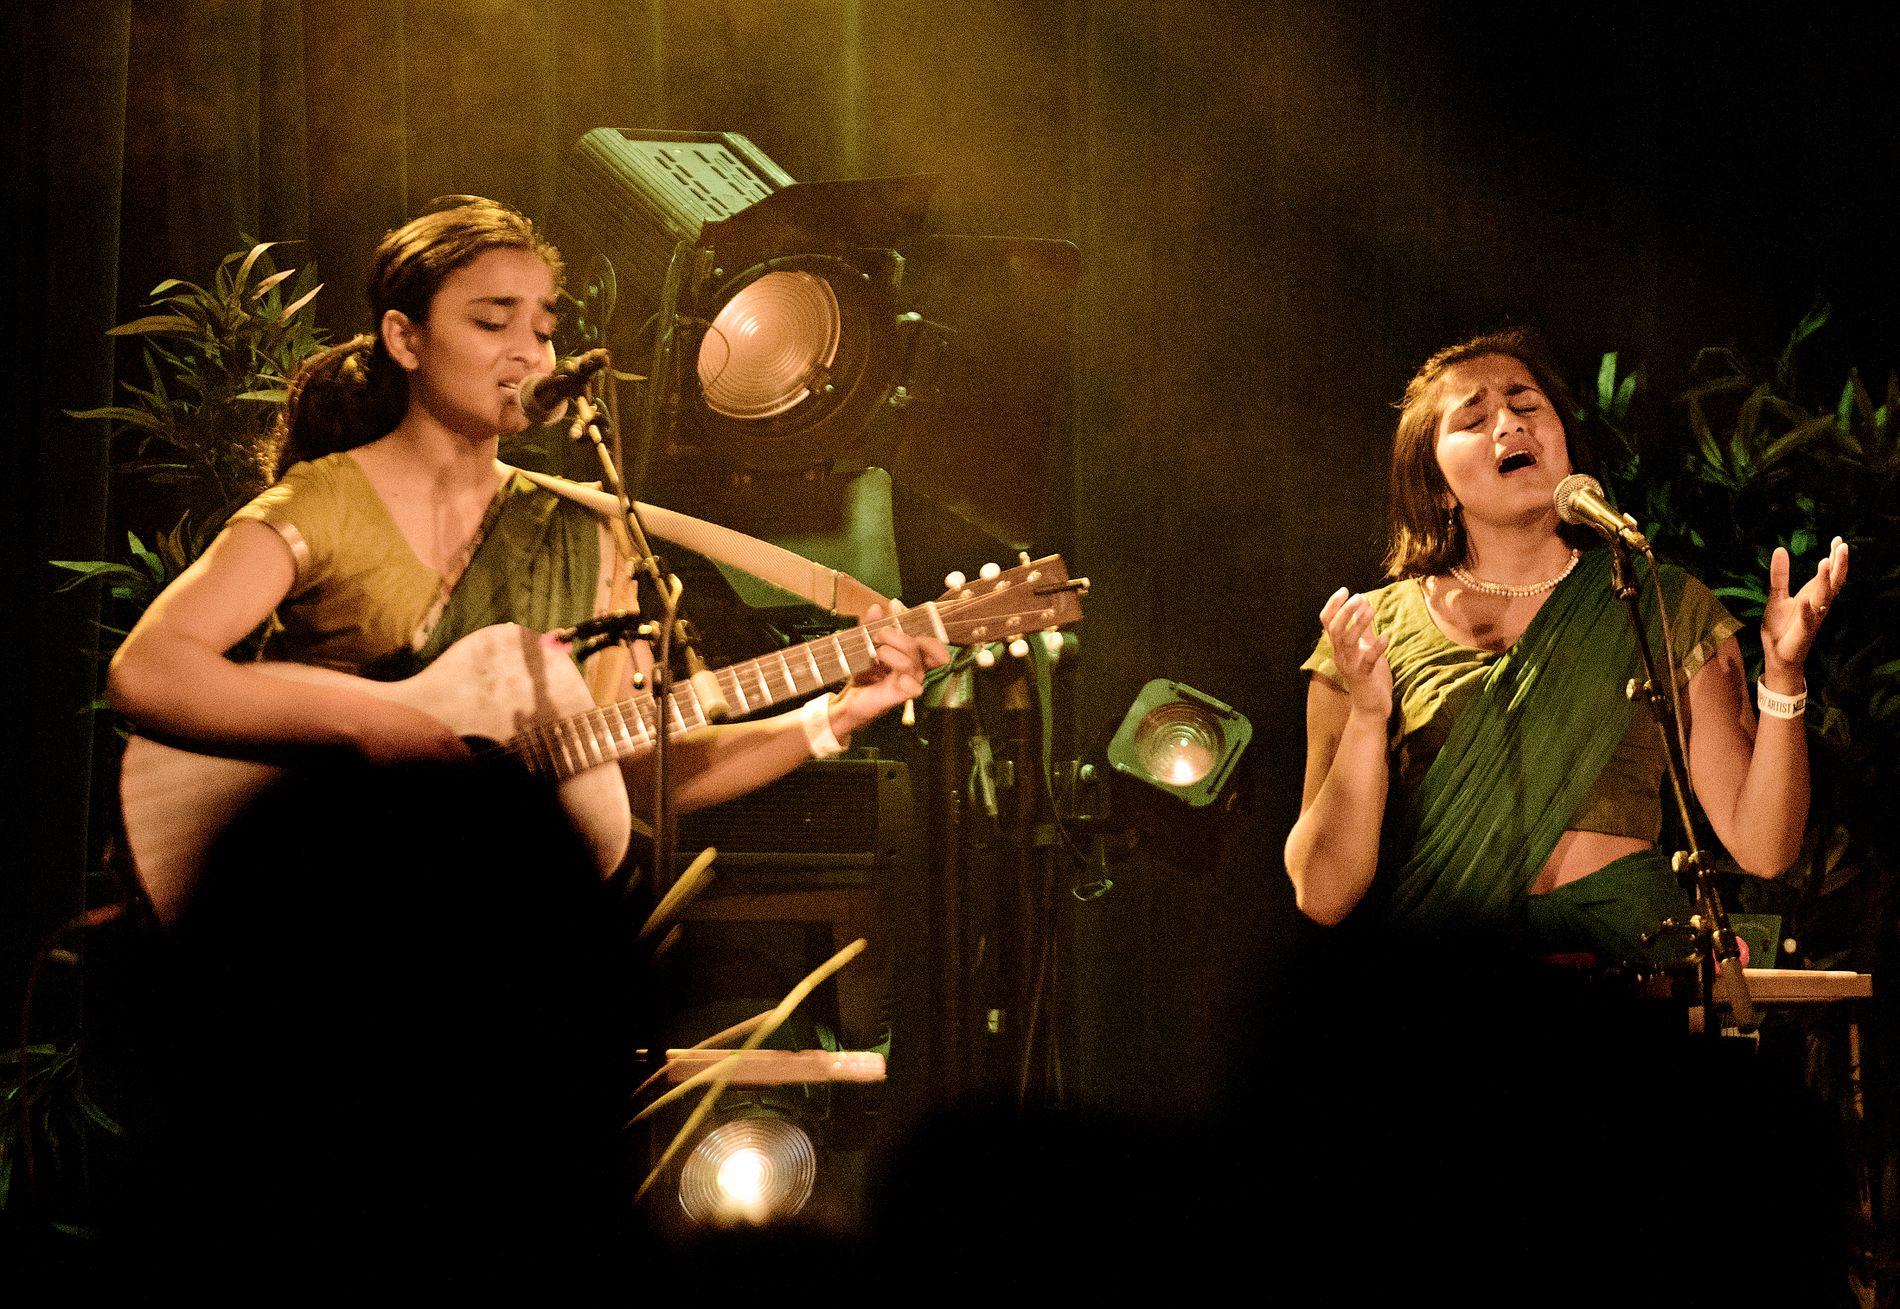 TAMILSKE TONER: Bergenserne Mira og Dipha Thiruchelvam har vakt oppsikt med sin blanding av tradisjonell tamilsk musikk, og vestlig popmusikk.